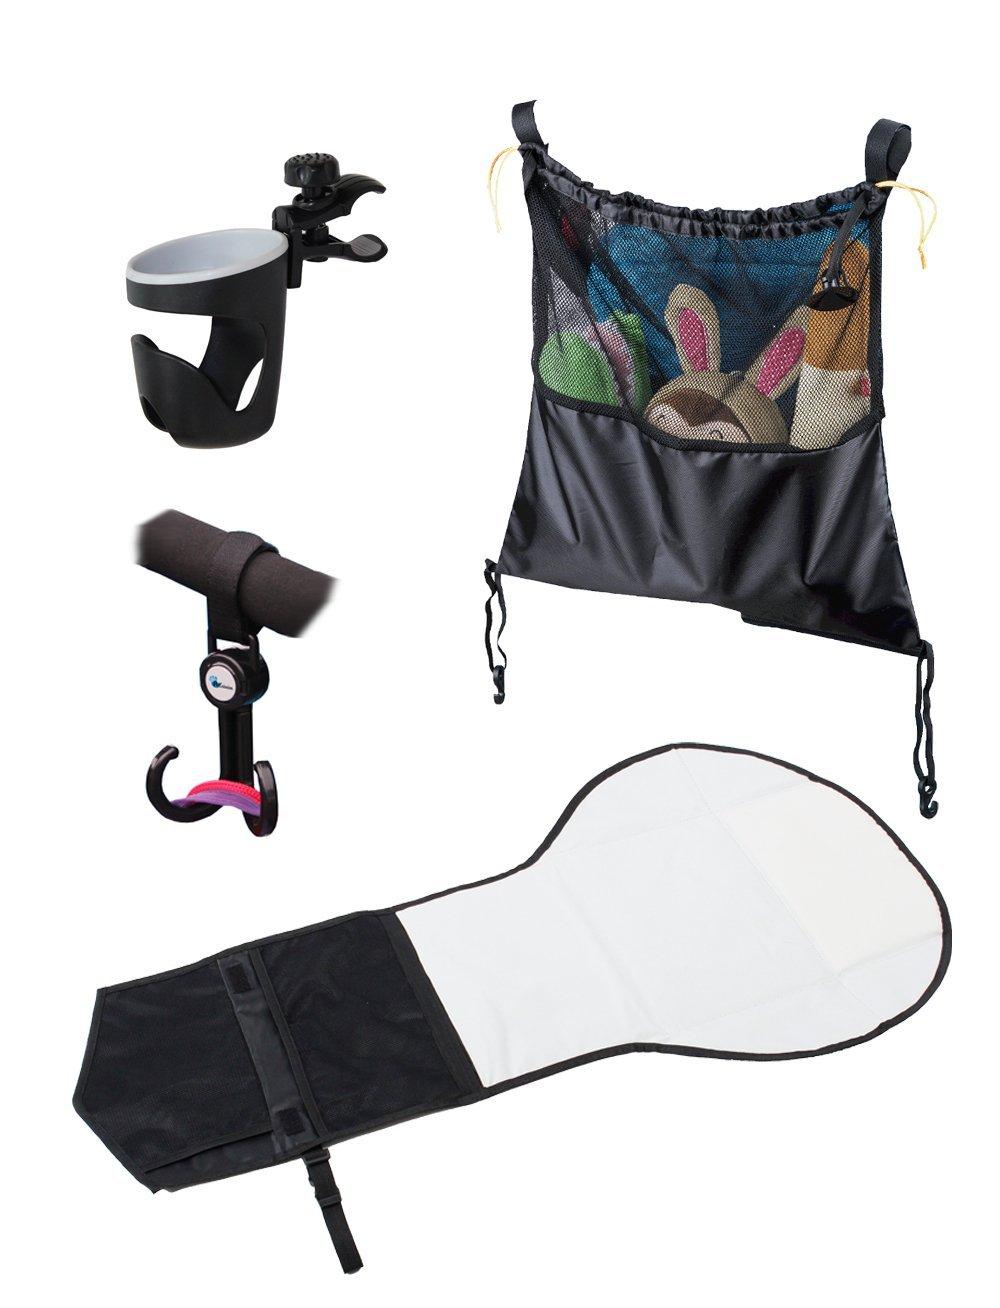 Набор аксессуаров для прогулок с коляской: сетчатая сумка, держатель для бутылочек, крючок, набор для смены подгузников от Toyway